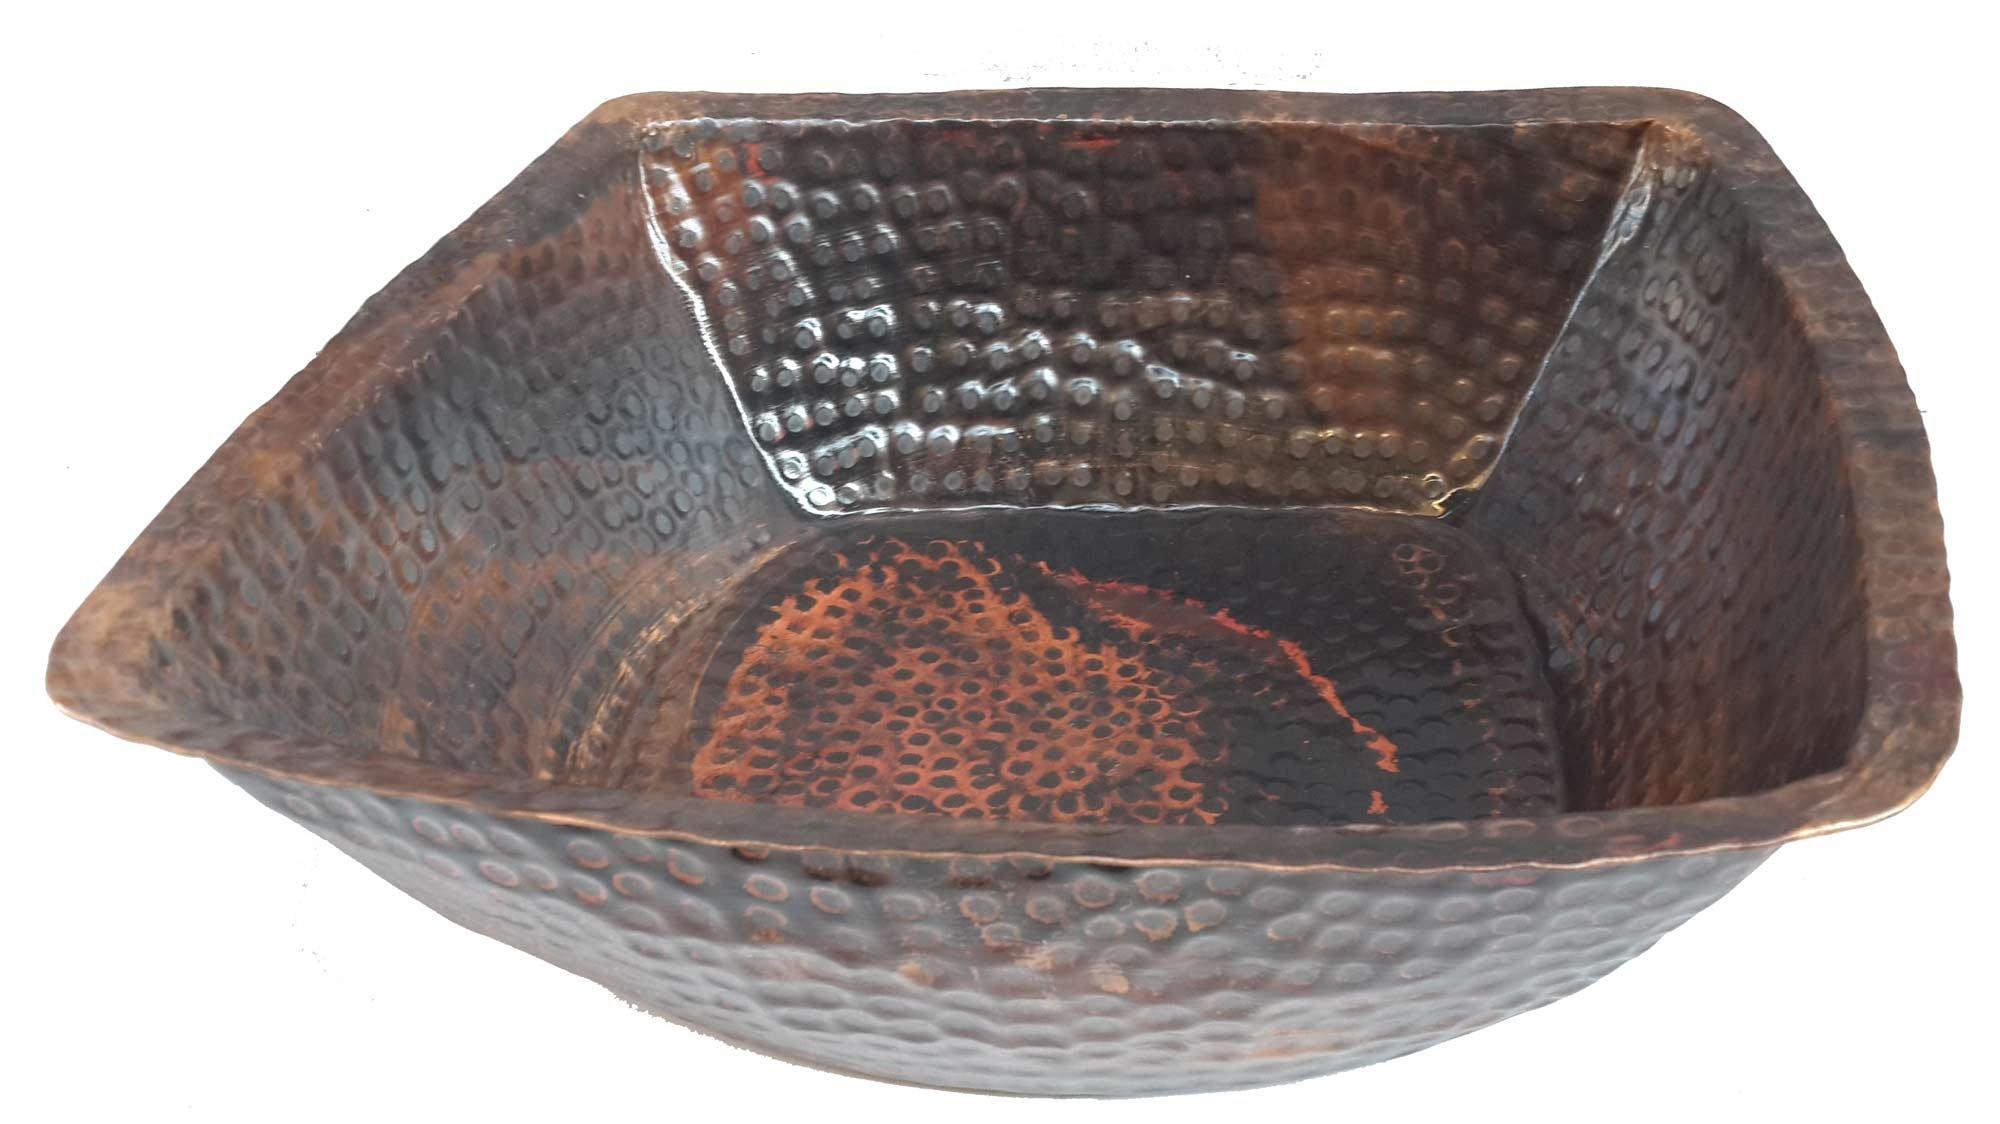 Egypt gift shops Copper Basin Shiny Enamel Coat Arthritis Foot Massage Bath Pedicure Spa Beauty Salon